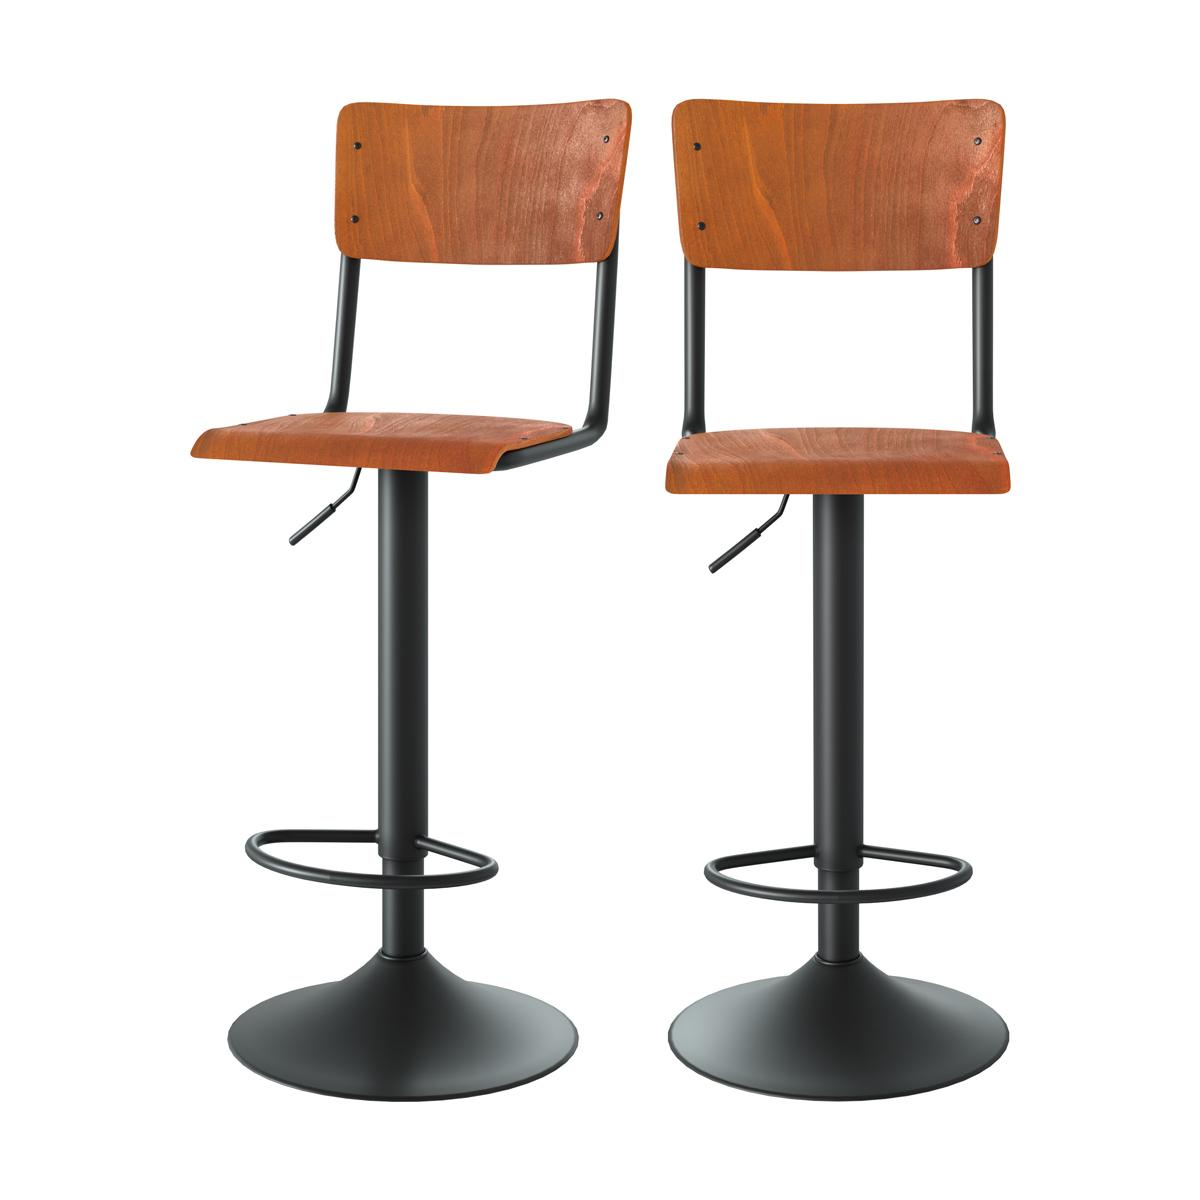 Chaise de bar réglable 60/80 cm en bois foncé (lot de 2)